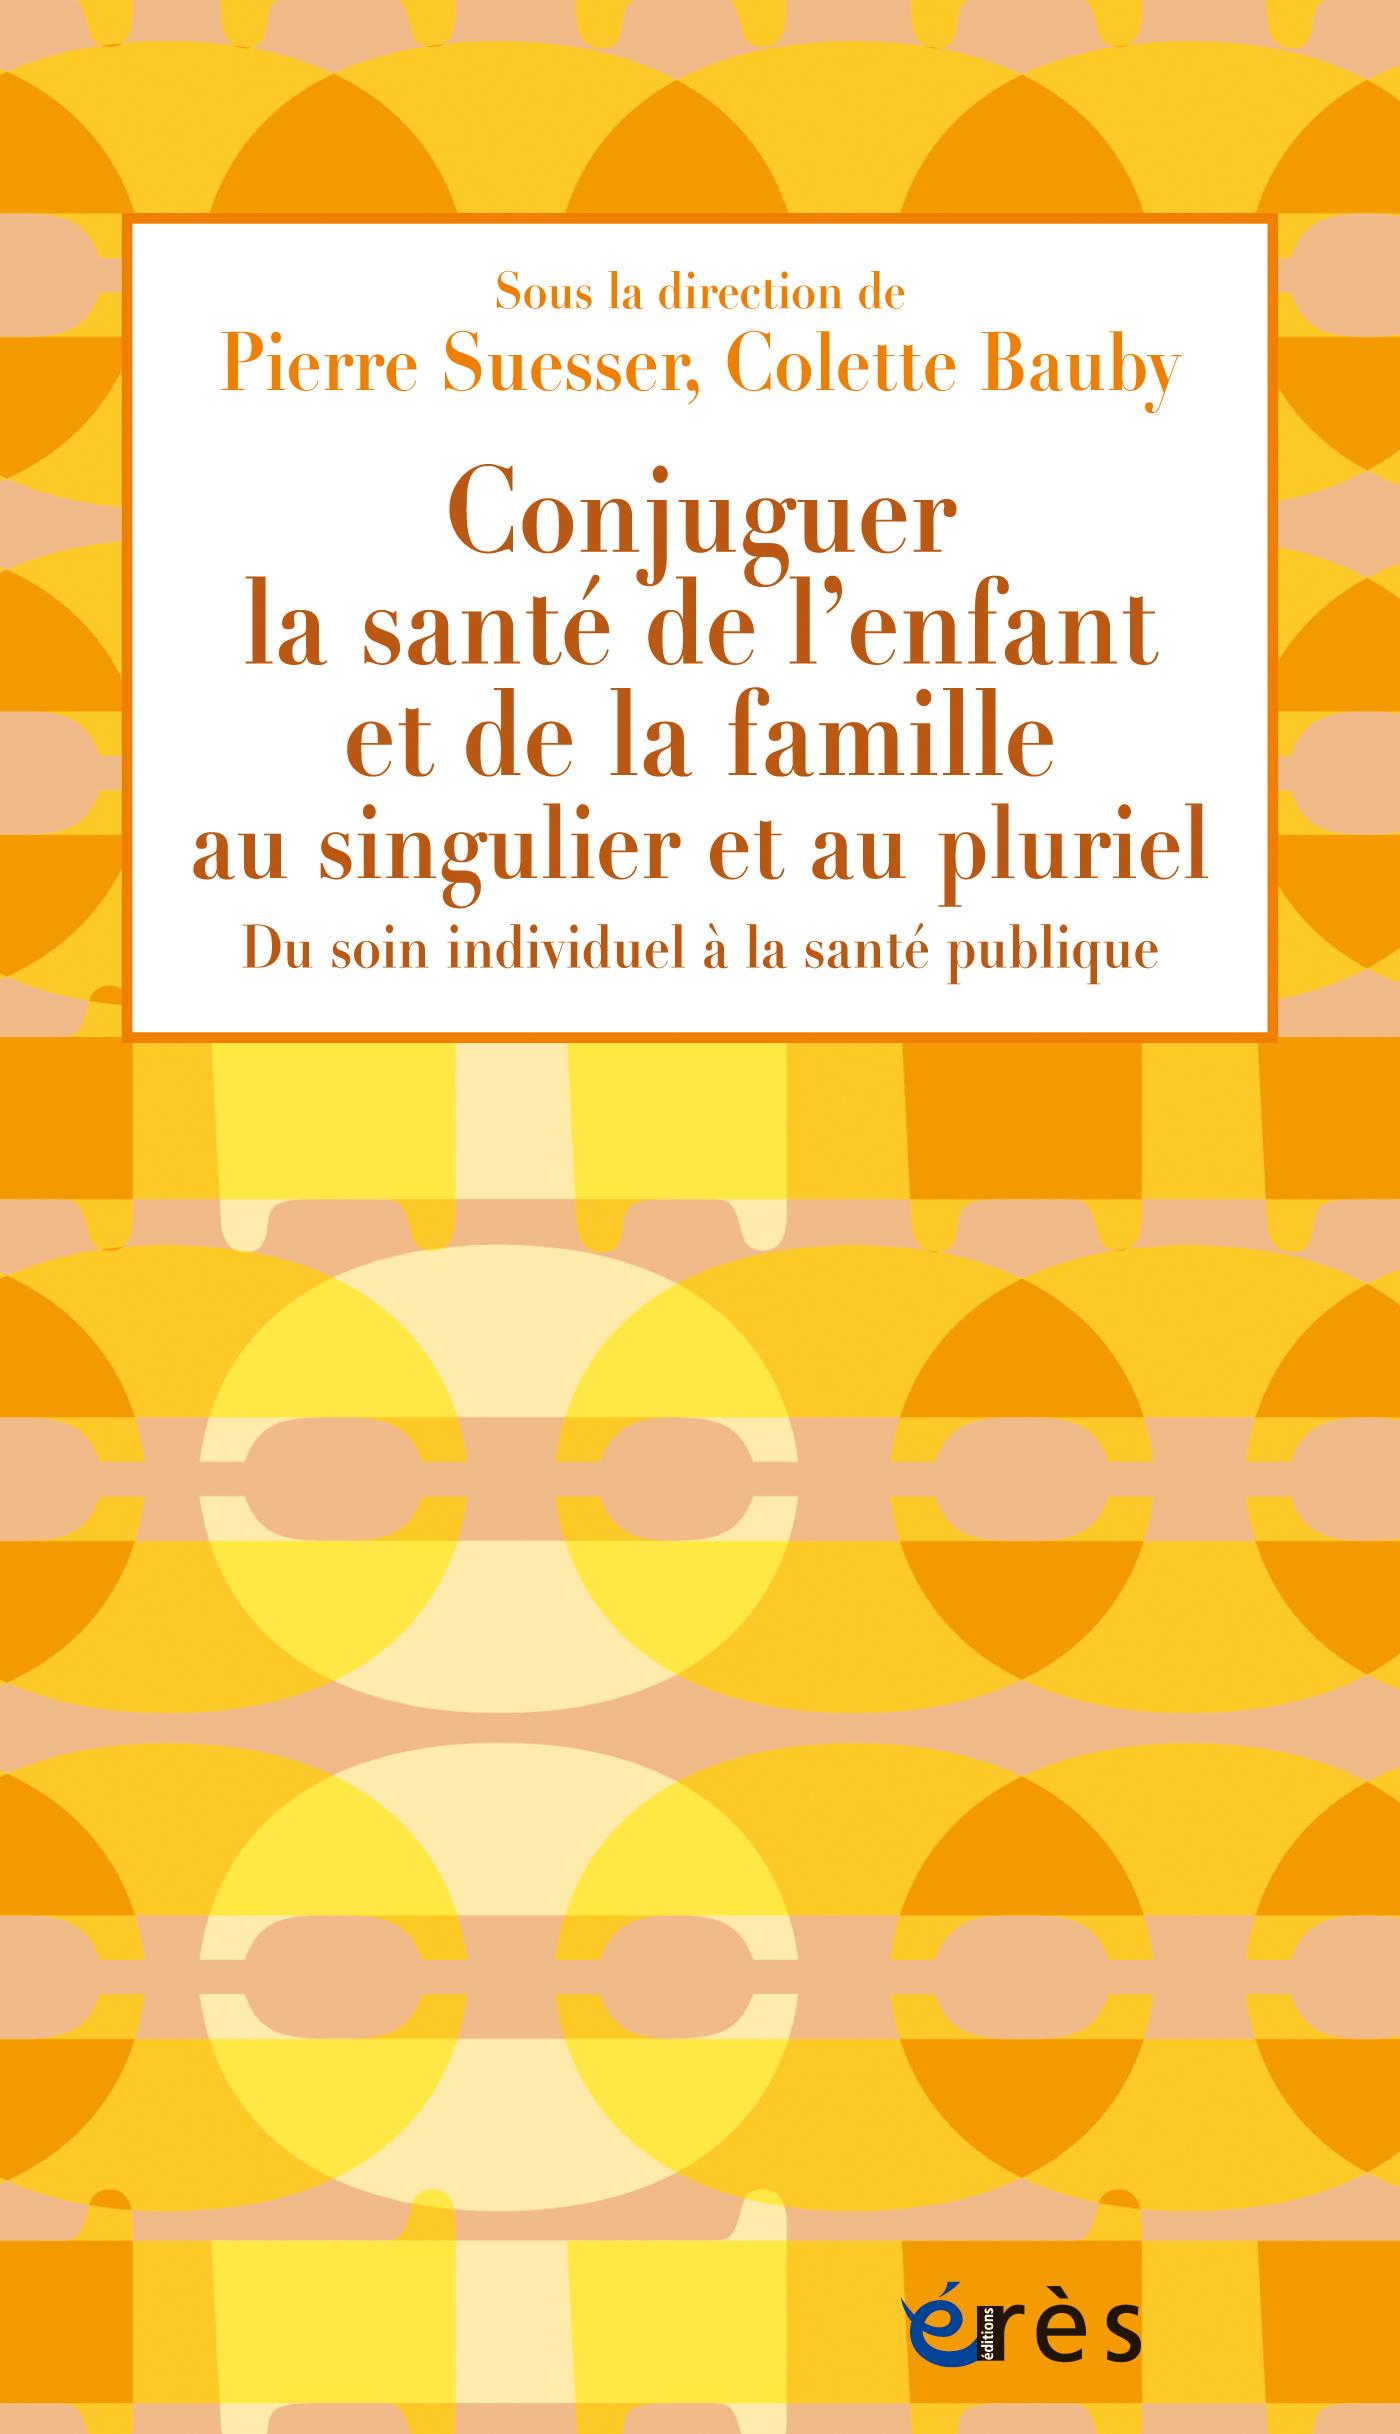 conjuguer la sant u00e9 de l u2019enfant et de la famille au singulier et au pluriel